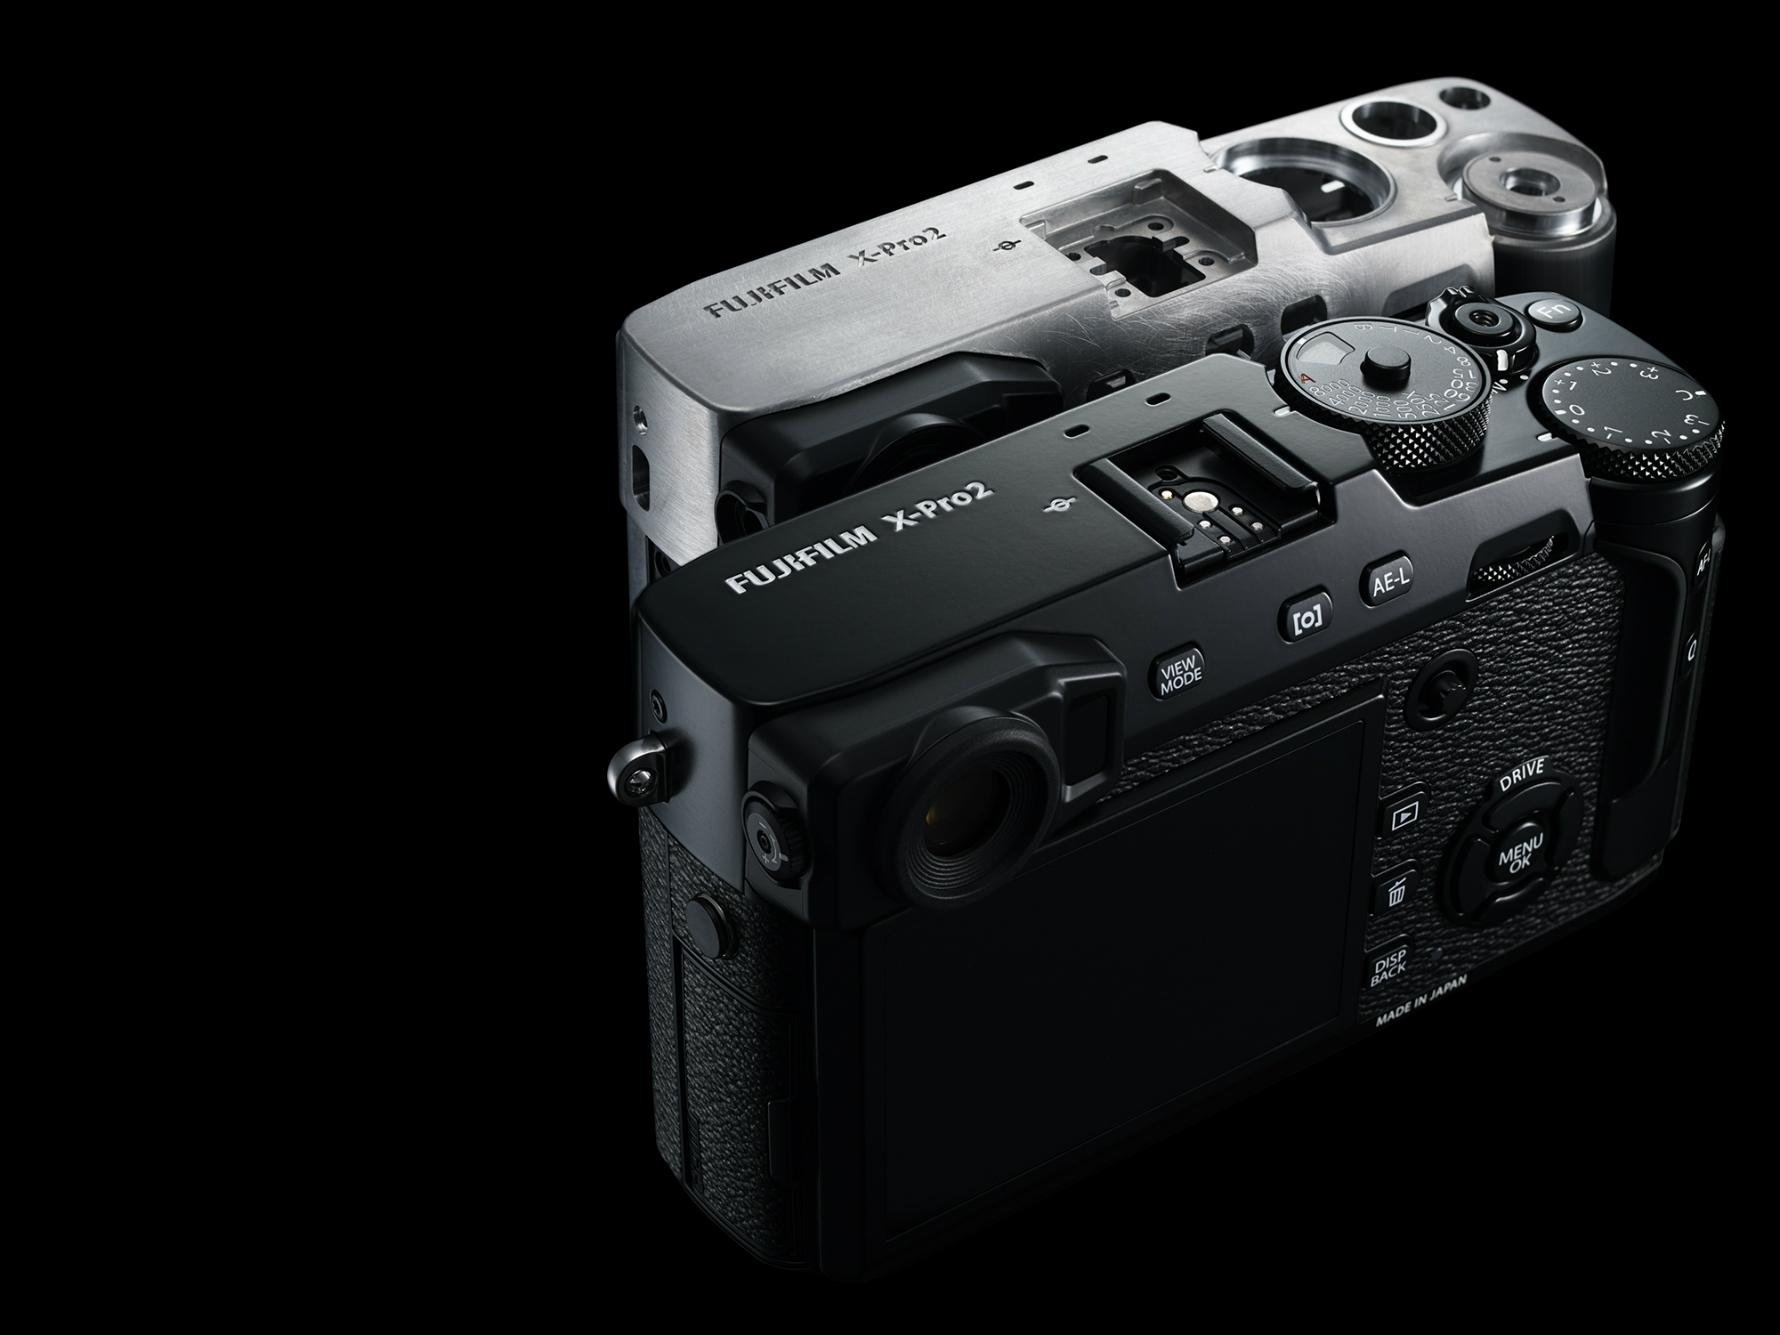 Fujifilm_X Pro2